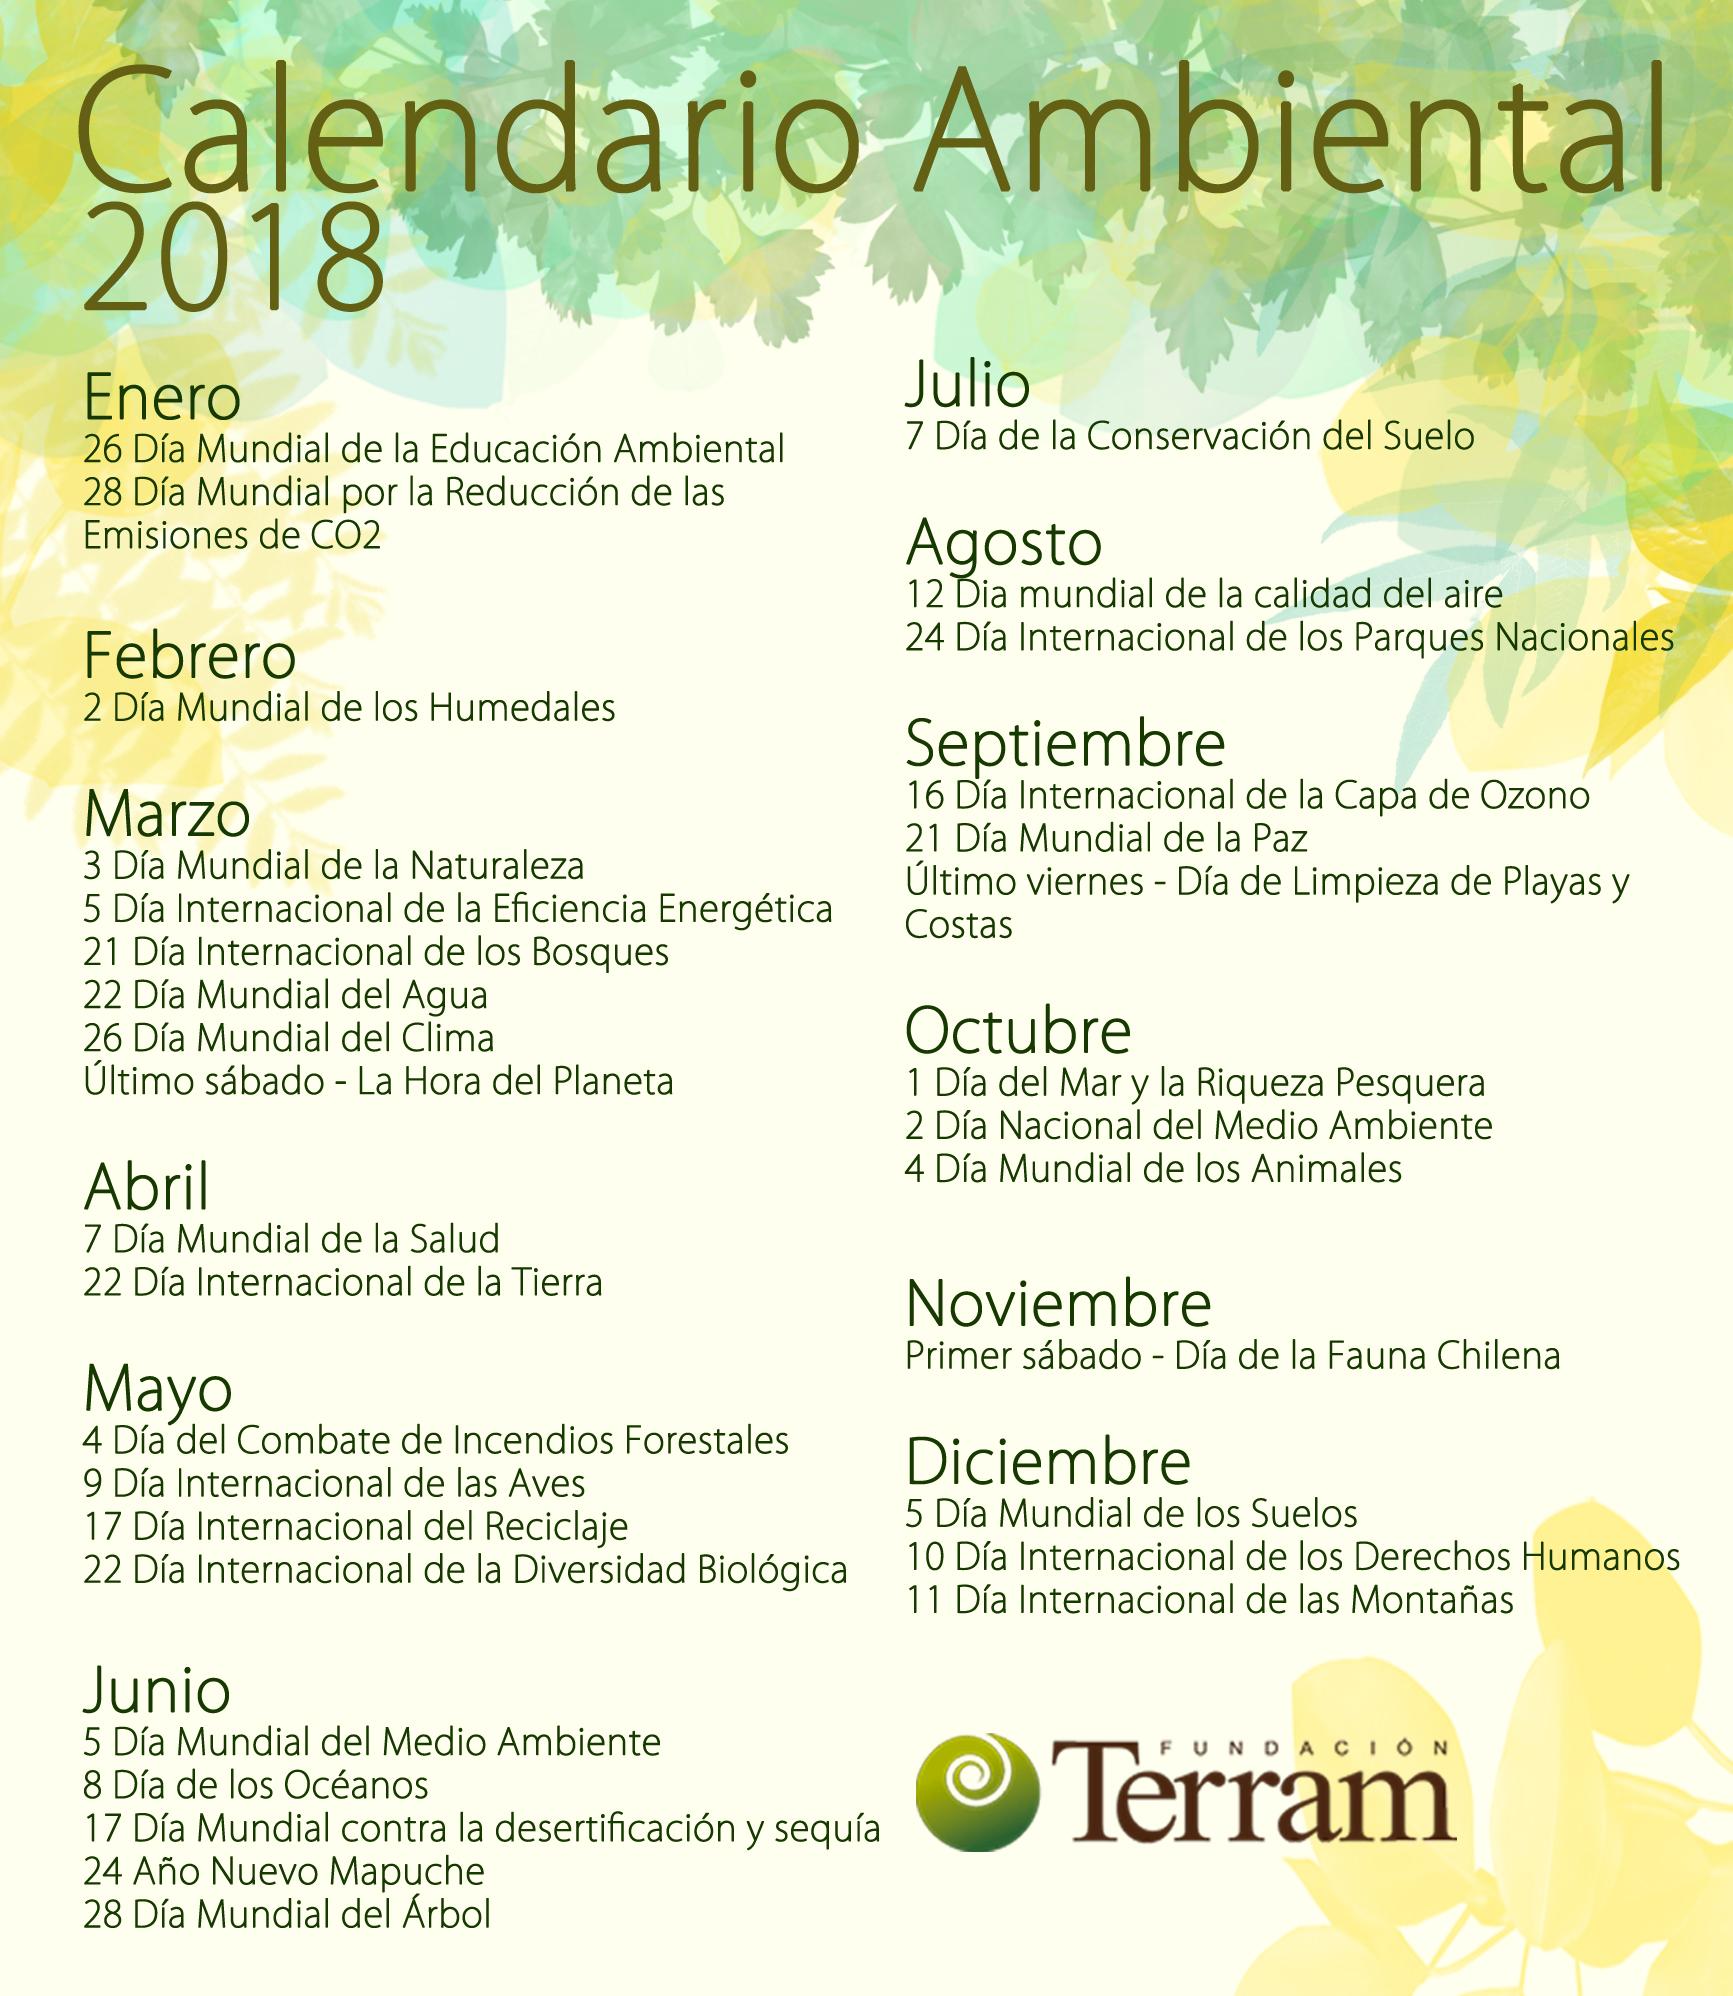 Calendario Ambiental 2018 (2)